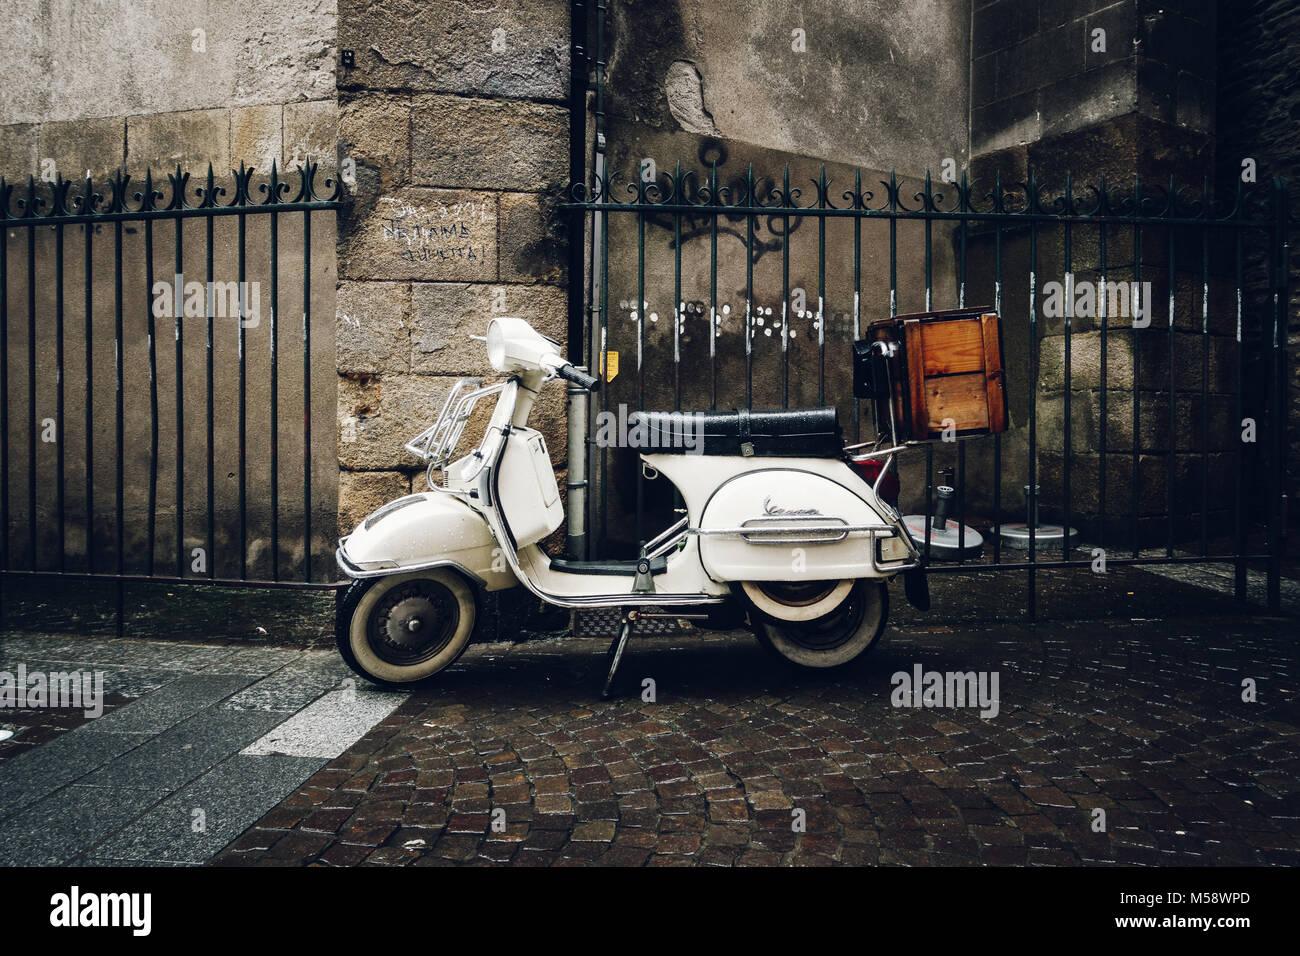 NANTES, FRANCE - CIRCA JANVIER 2018: Un scooter Vespa vintage garée dans la rue par un jour de pluie. Banque D'Images